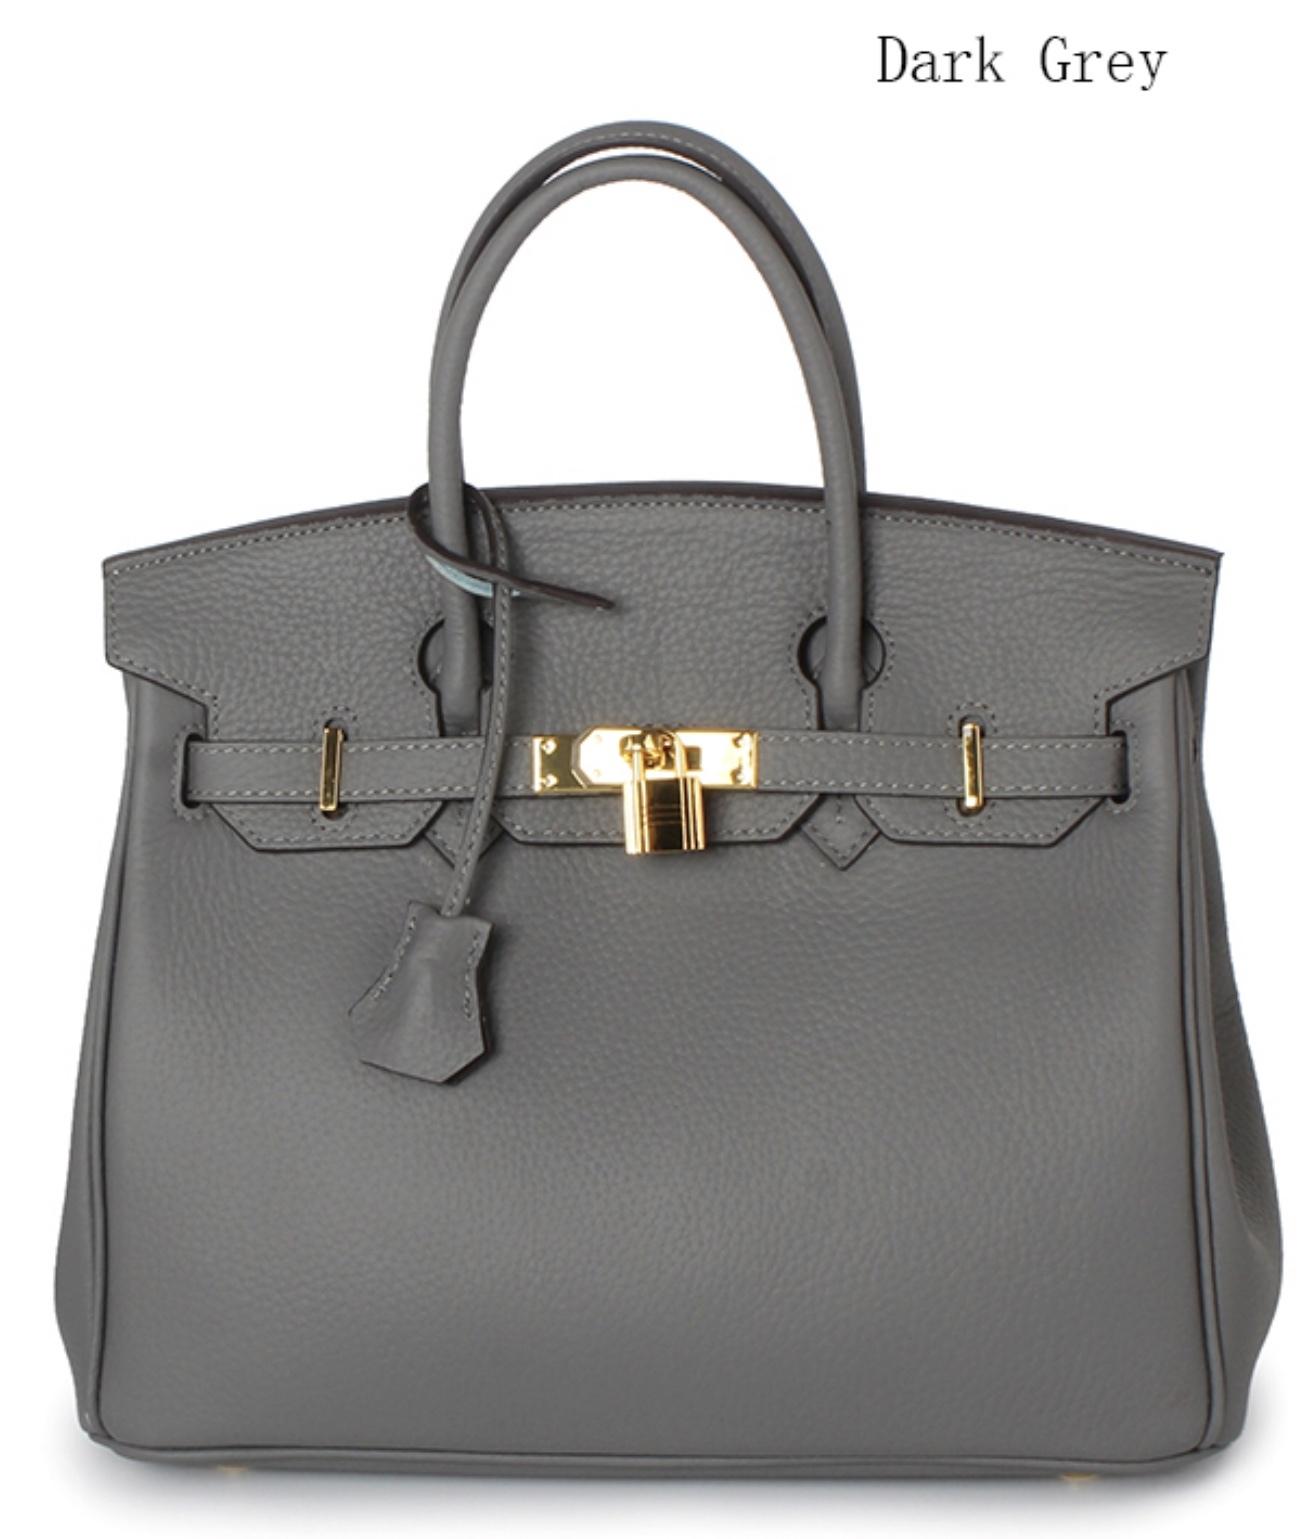 New 25cm Pebbled Leather Birkin Style Handbag Shoulder Bag Satchel Purse 1946S